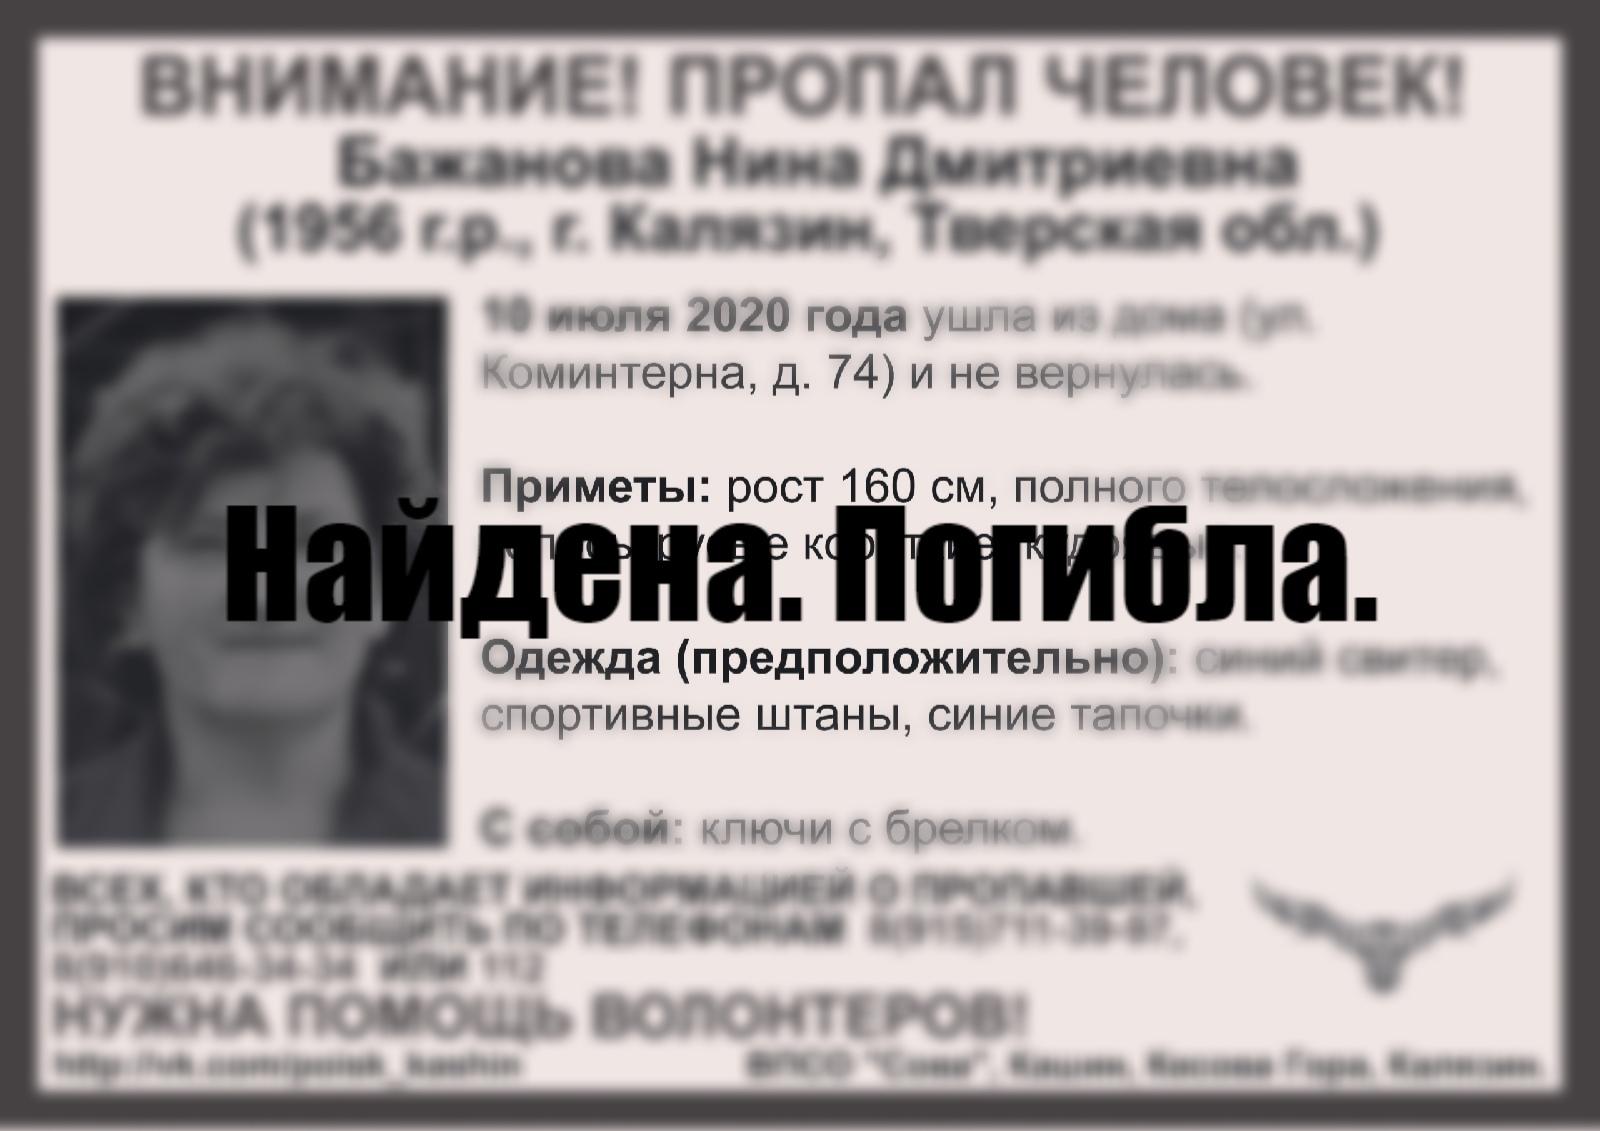 В Тверской области женщину, пропавшую больше года назад, нашли погибшей